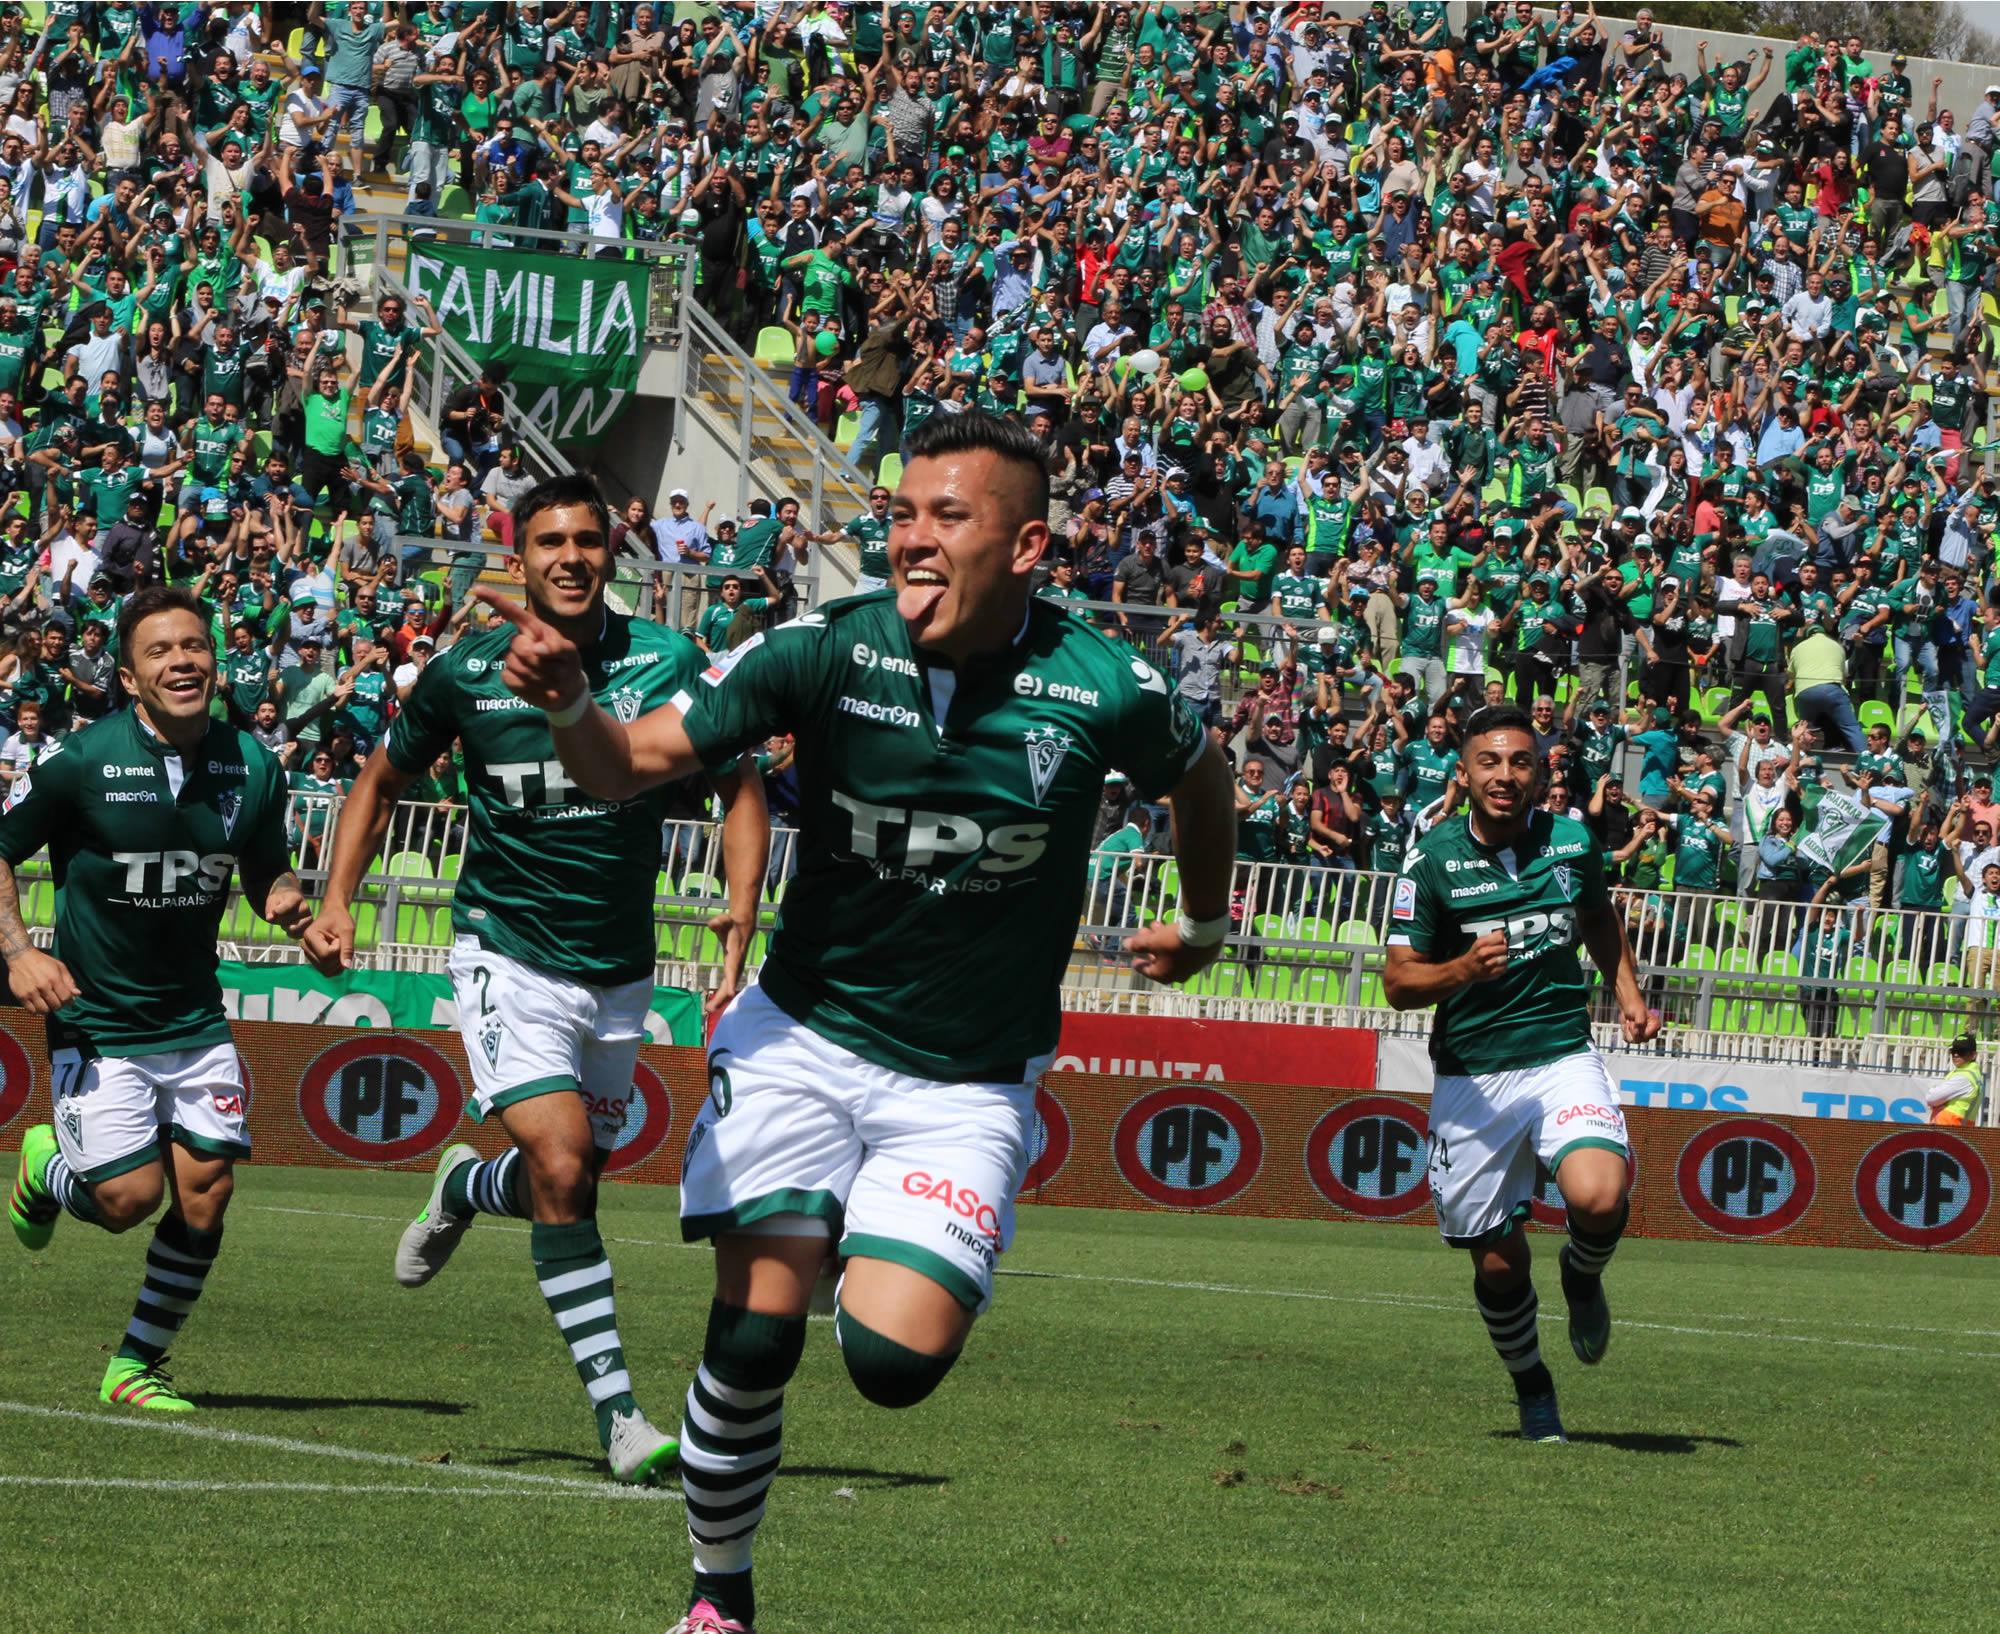 Galería de fotos: Santiago Wanderers vs Universidad de Chile